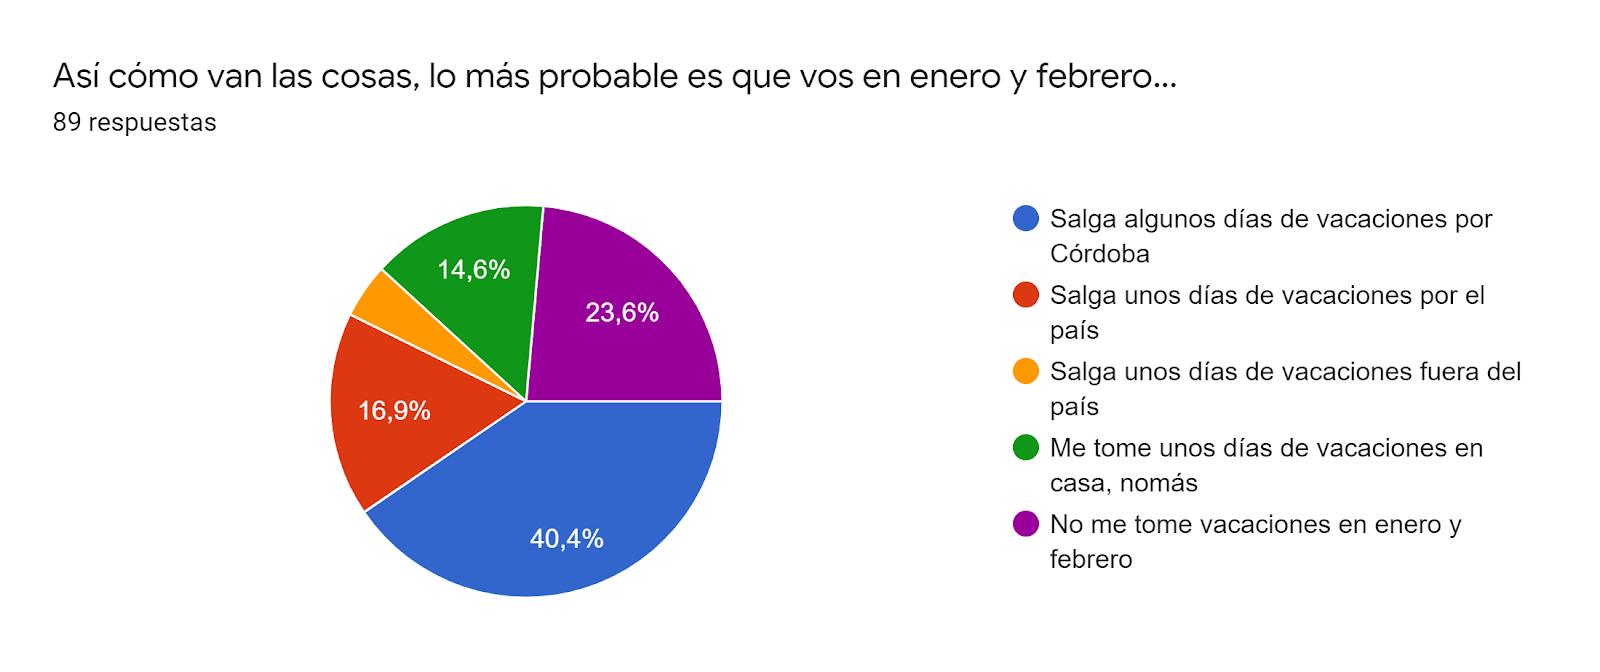 Gráfico de respuestas de formularios. Título de la pregunta:Así cómo van las cosas, lo más probable es que vos en enero y febrero.... Número de respuestas:89 respuestas.